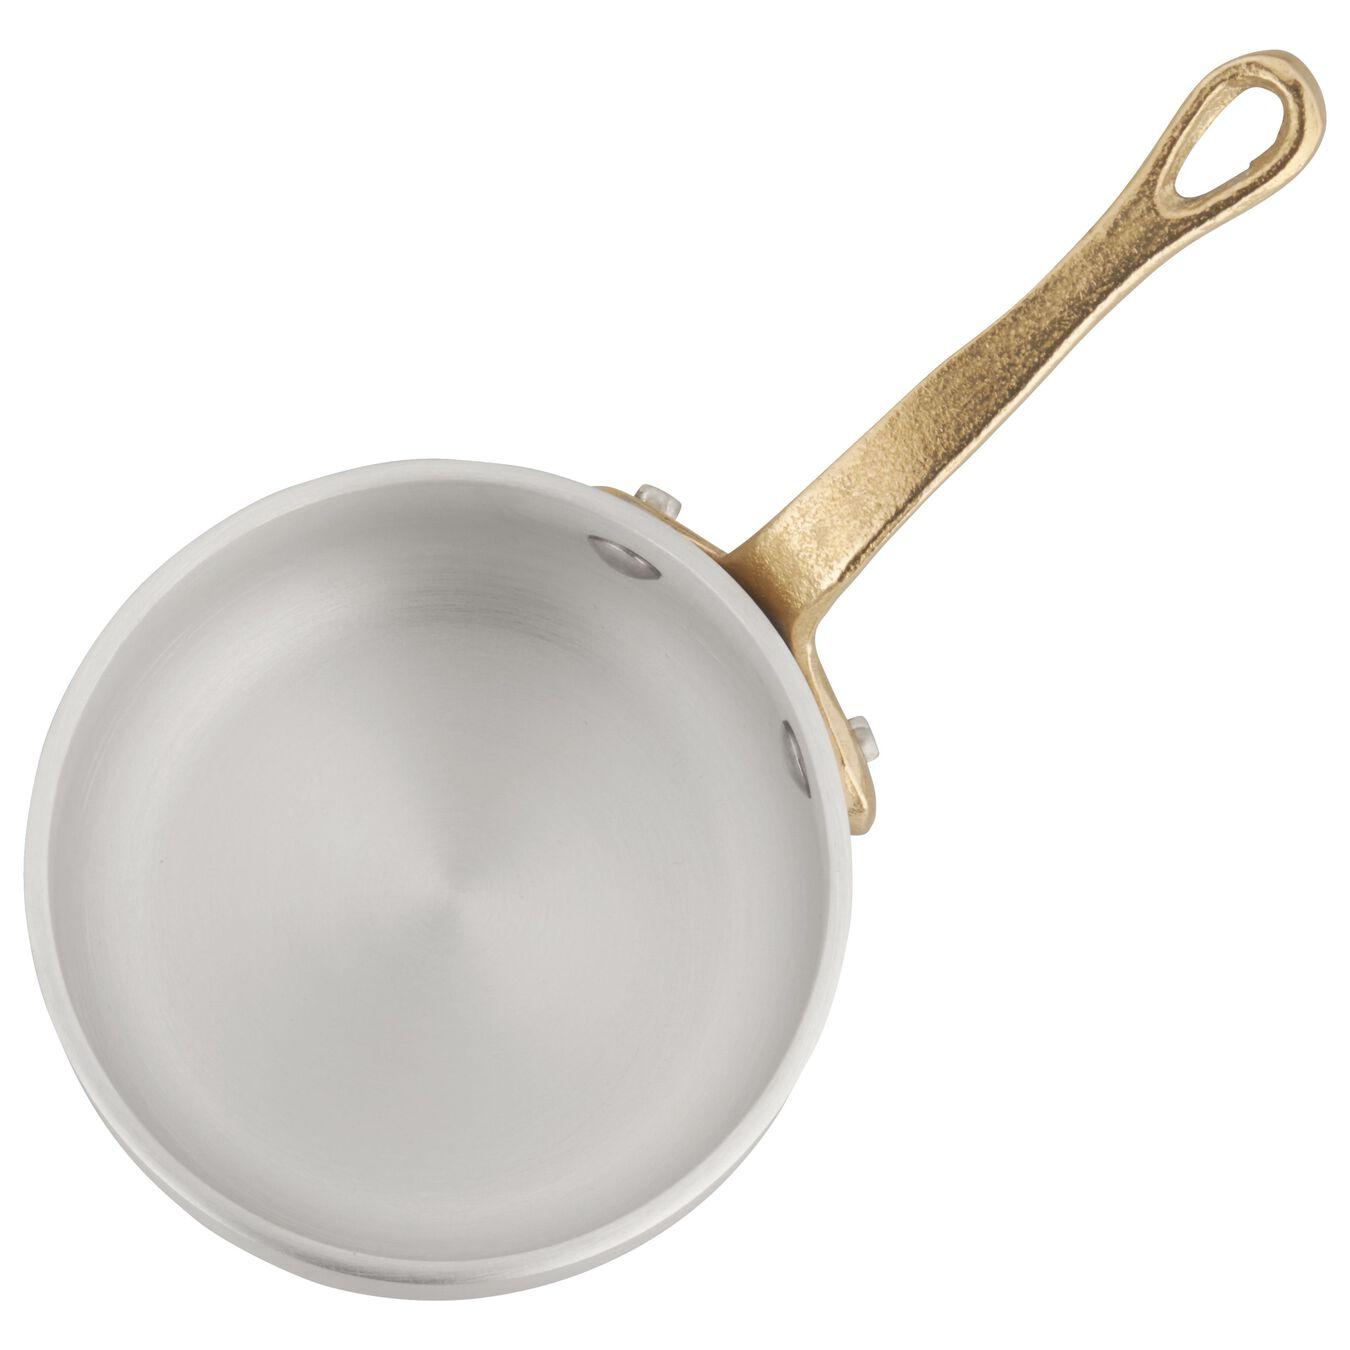 2-pc, Pots and pans set,,large 3